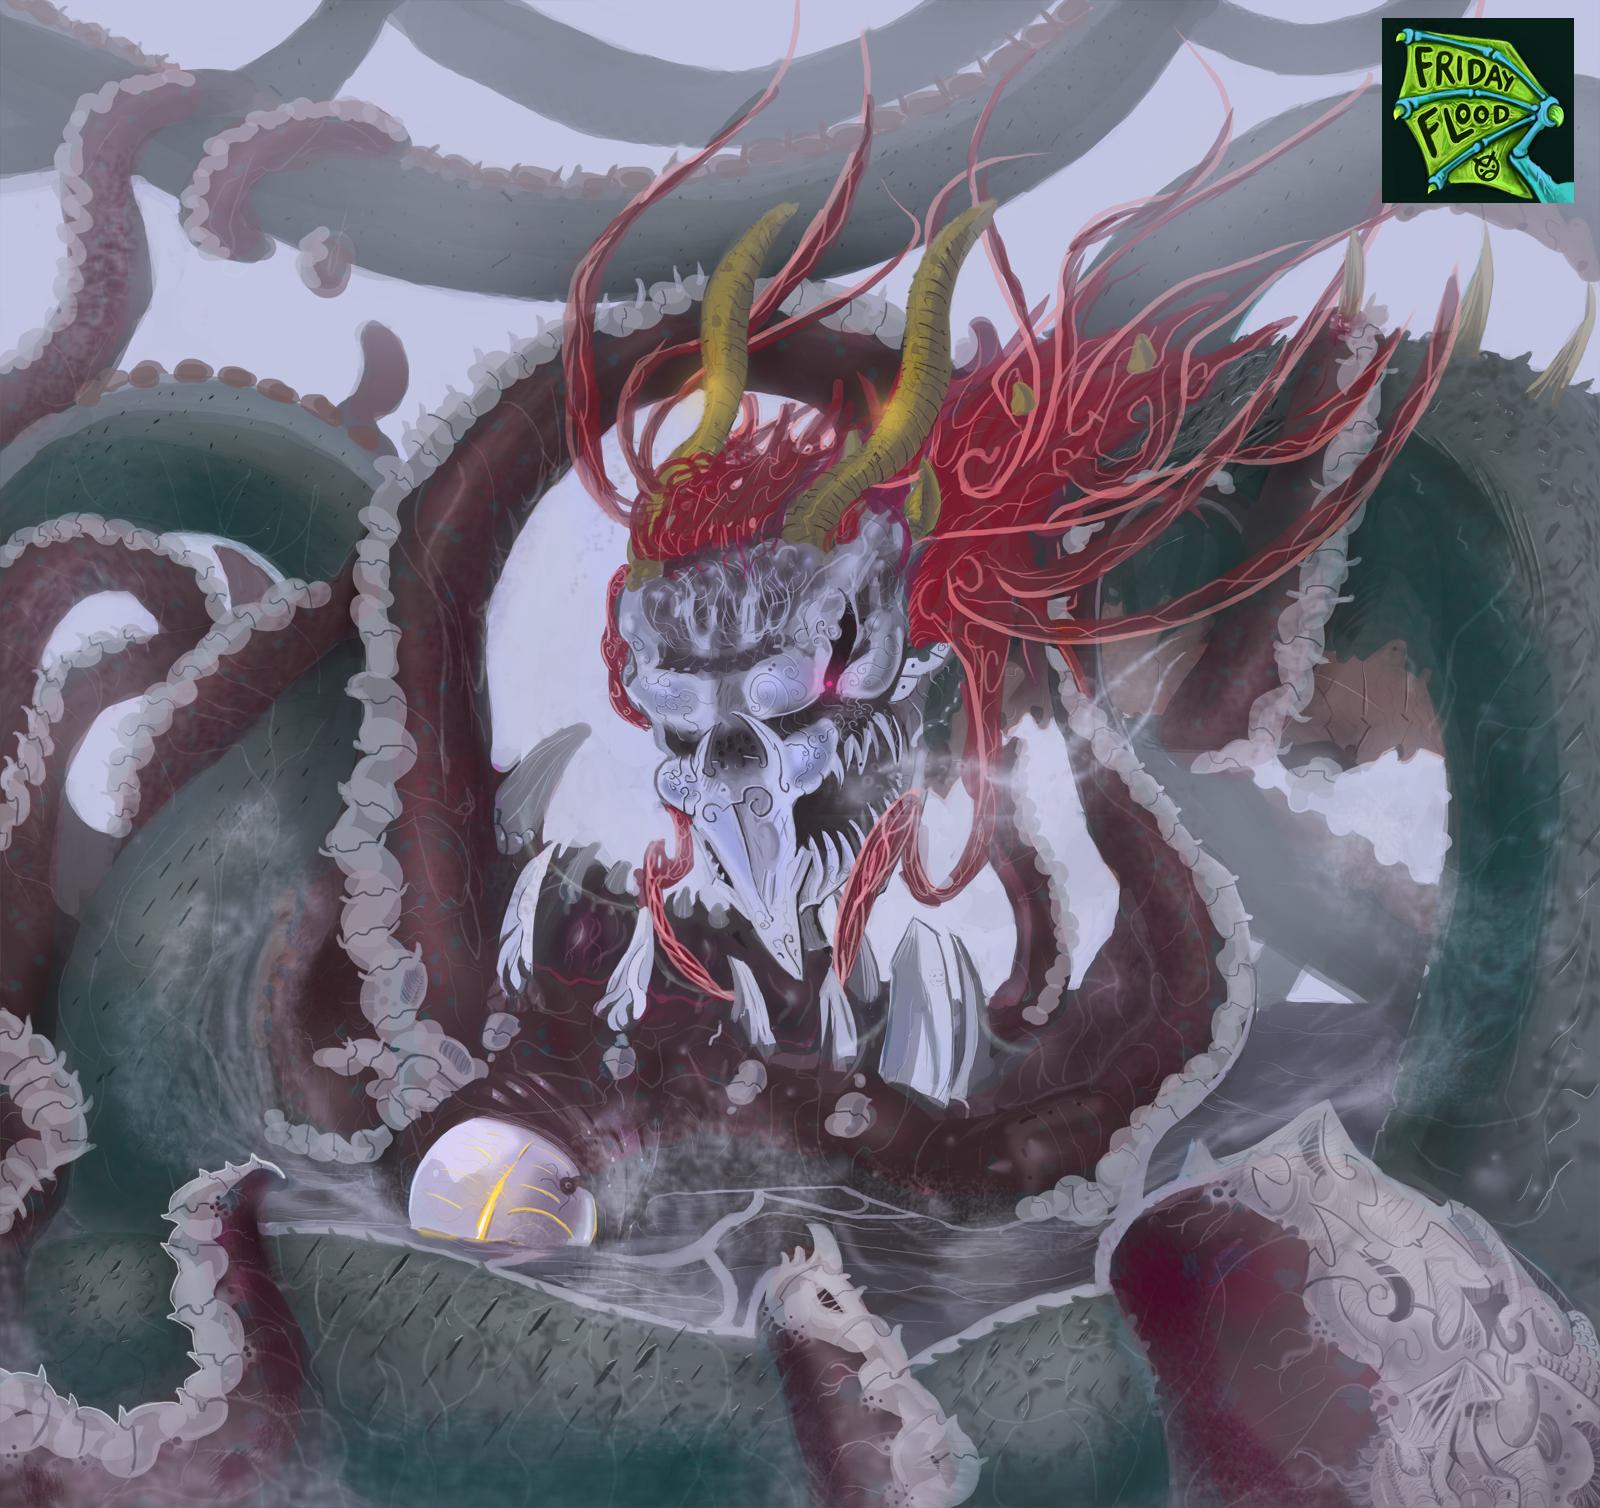 Dragon vs Kraken